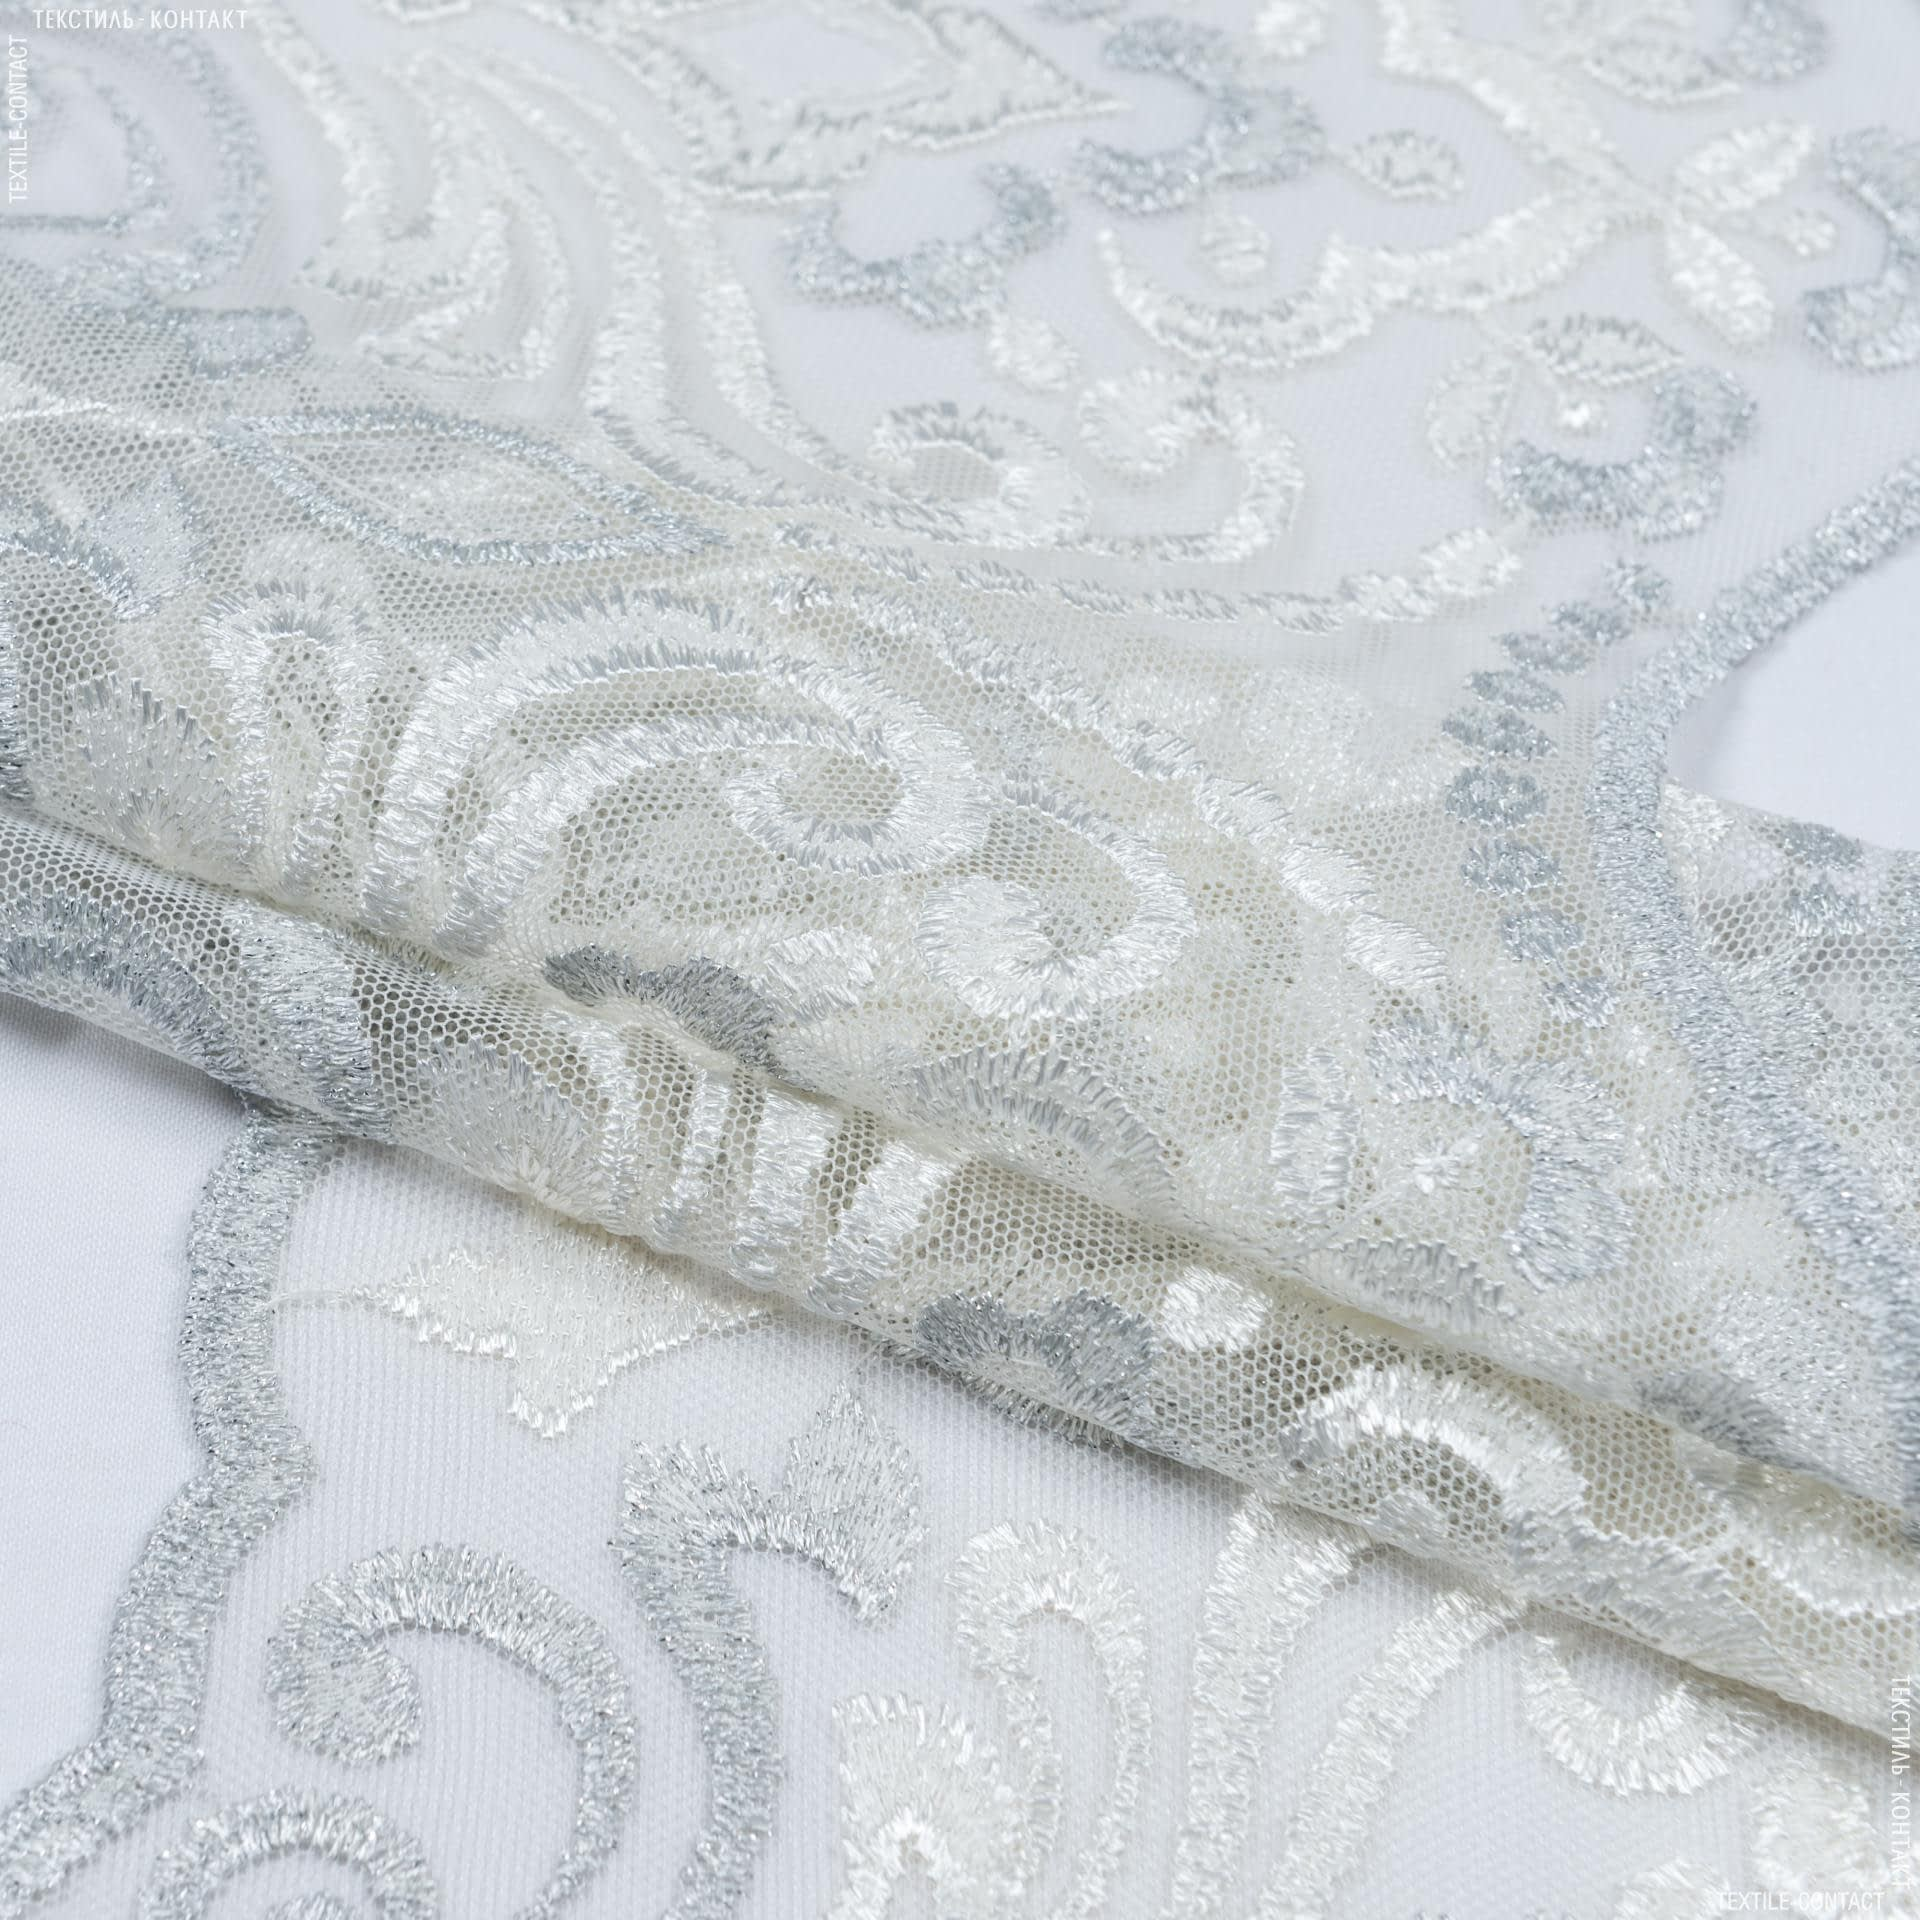 Тканини для печворку - Декоративне мереживо вазарі/ молочний - срібло 22 см